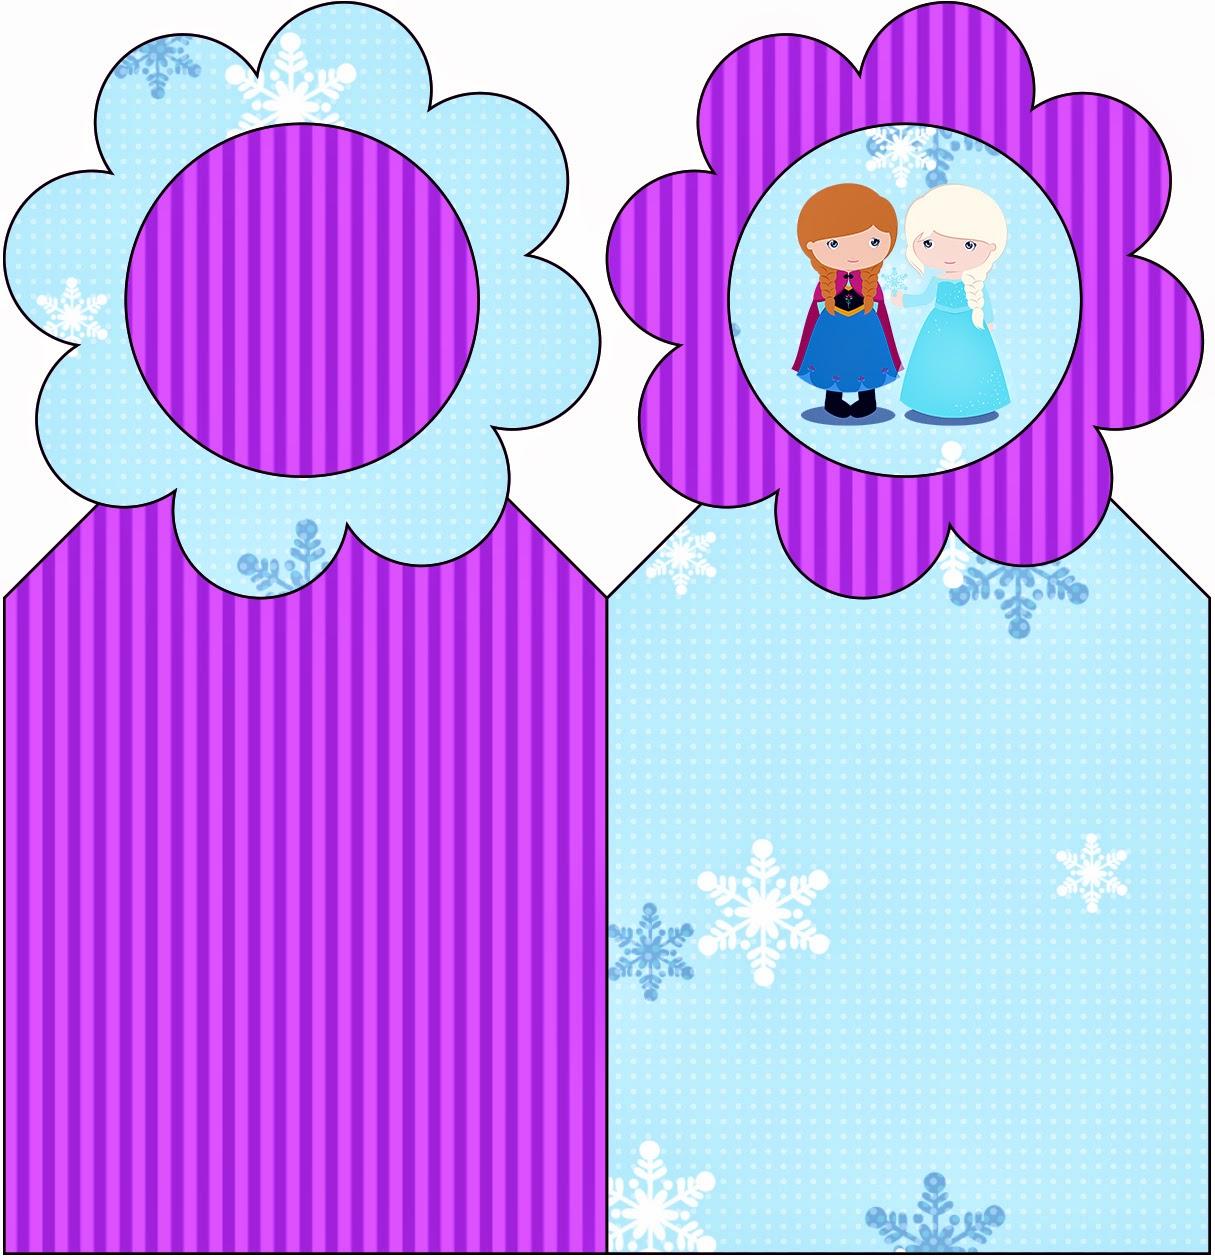 Para Marcapaginas para Imprimir Gratis de Frozen Niñas en Navidad.